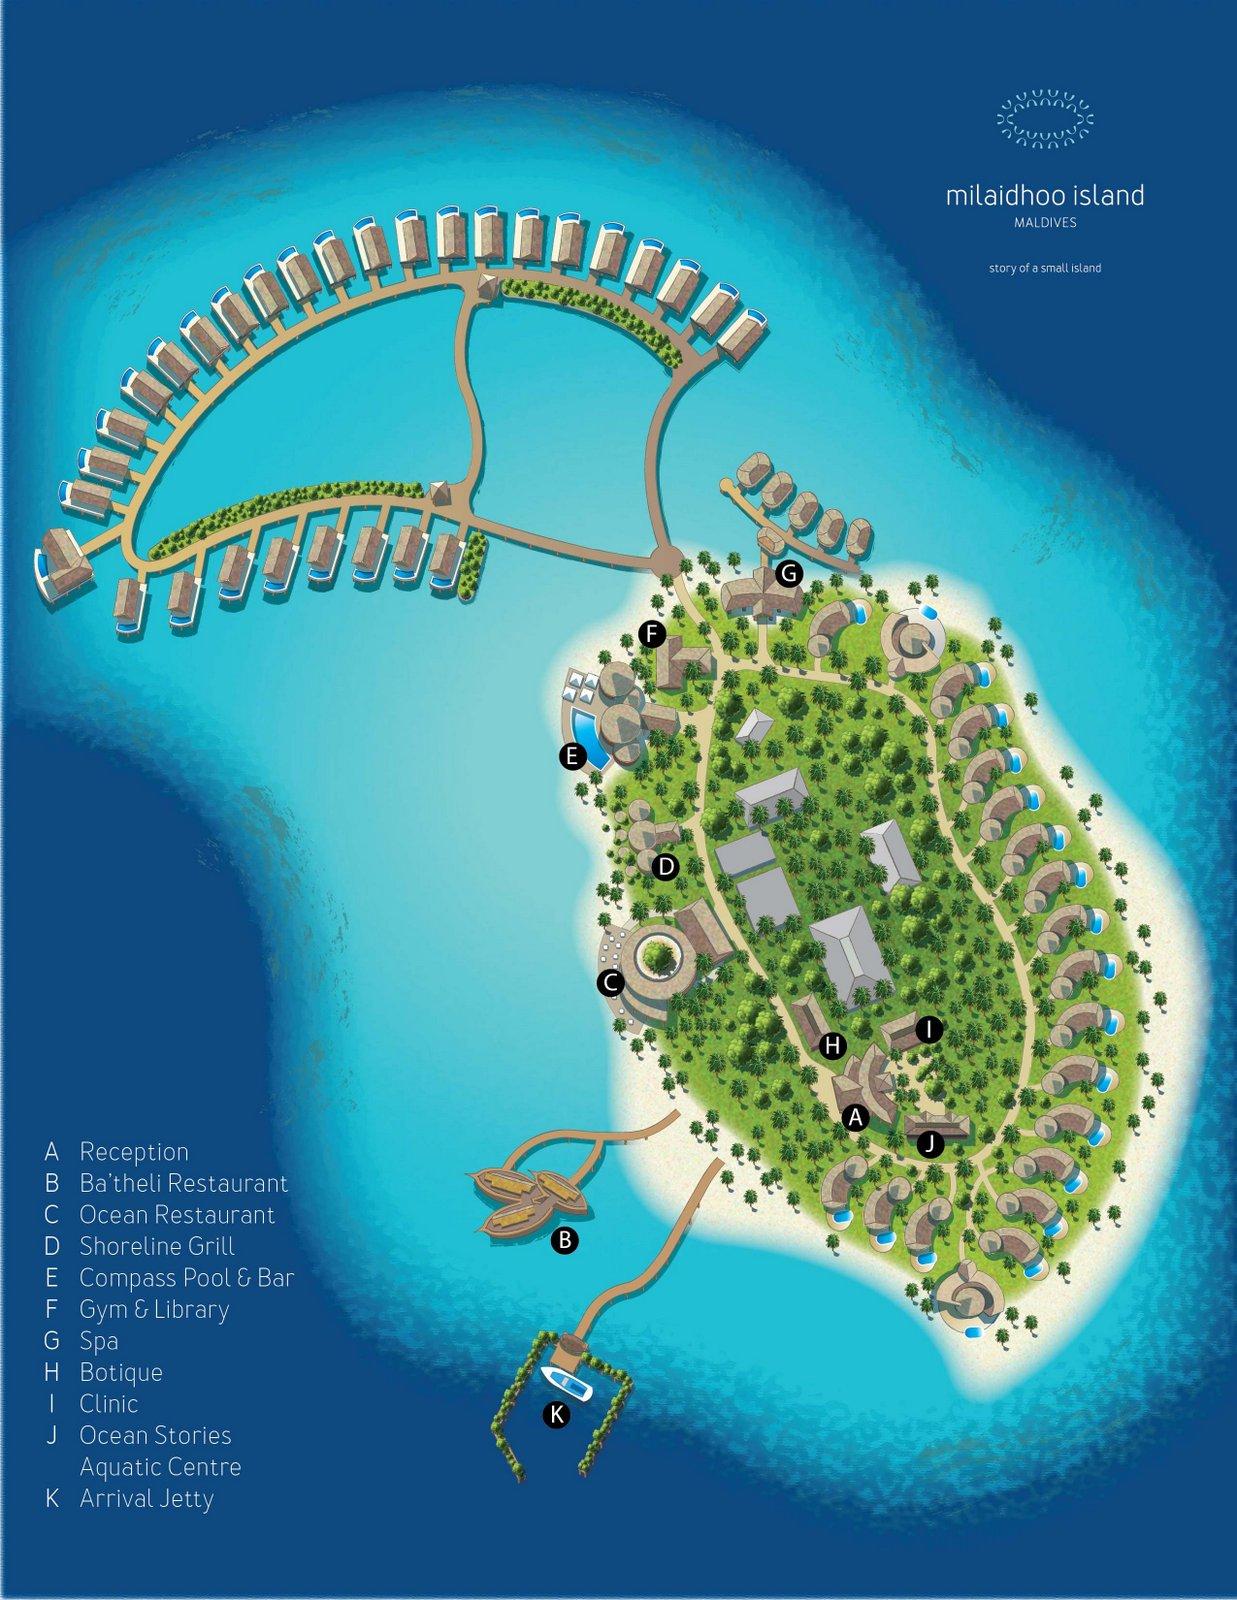 Мальдивы, Milaidhoo Island Maldives, карта отеля